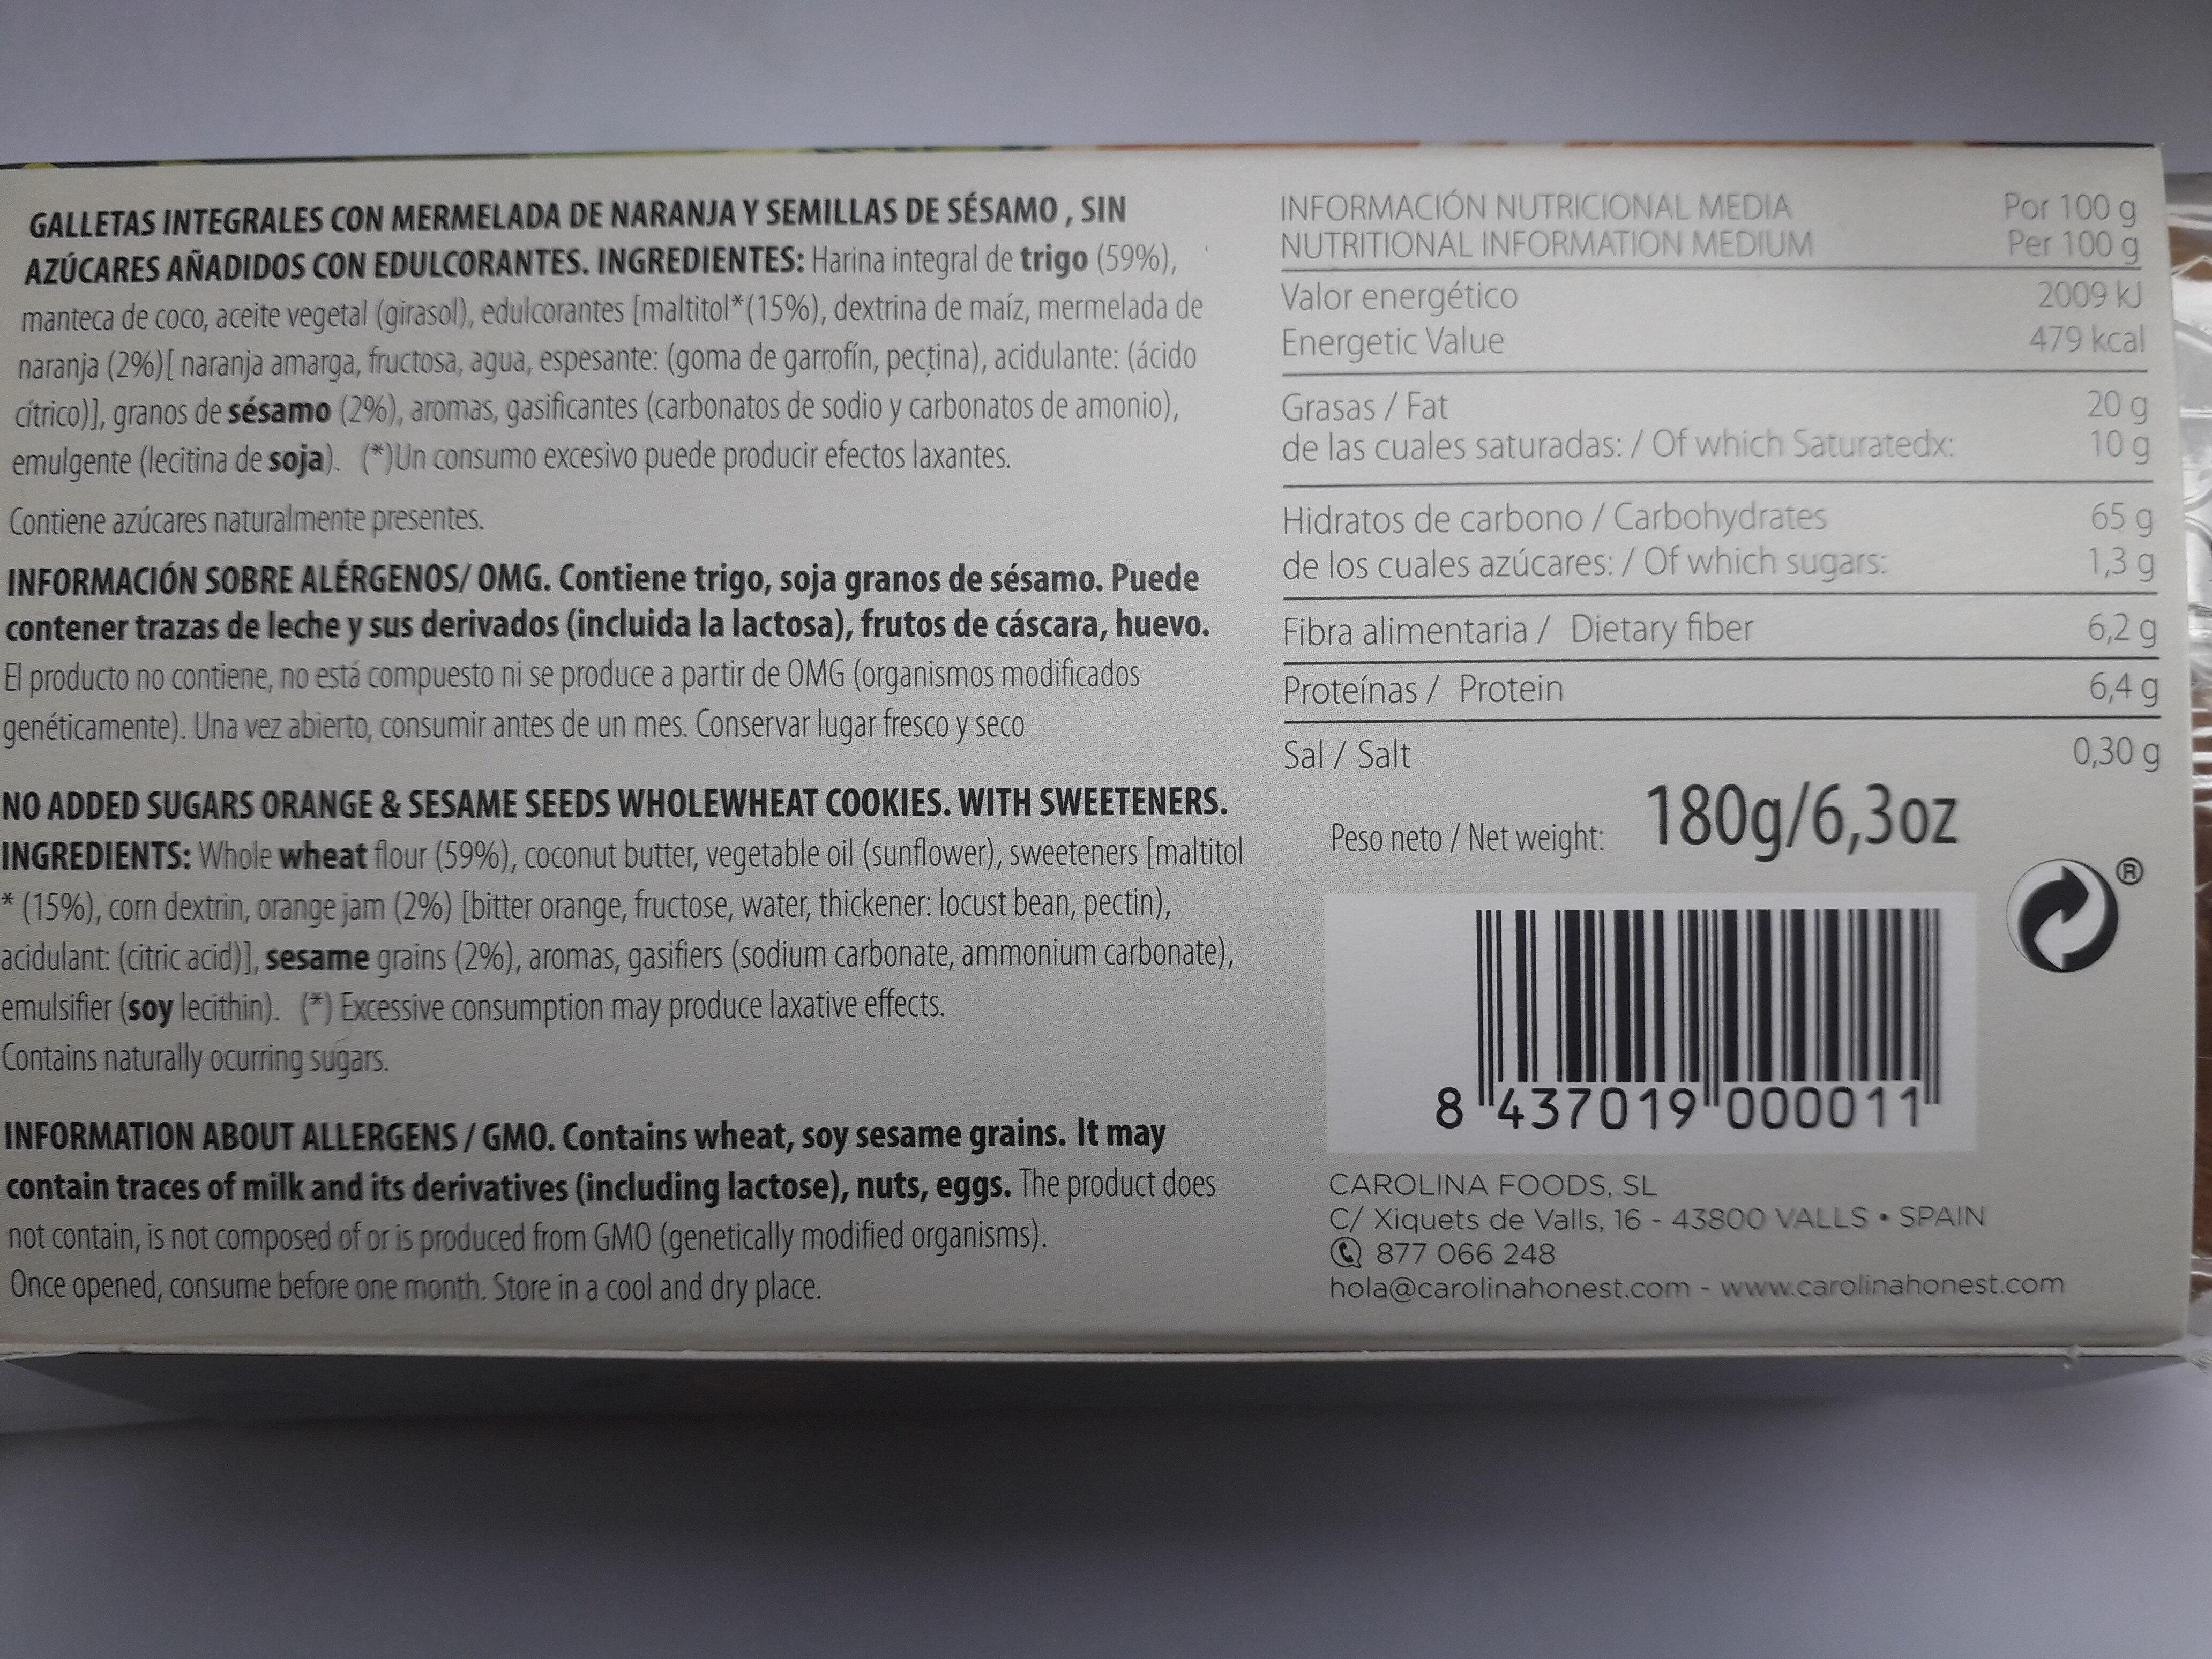 Galleta integral con naranja y sesamo - Ingrédients